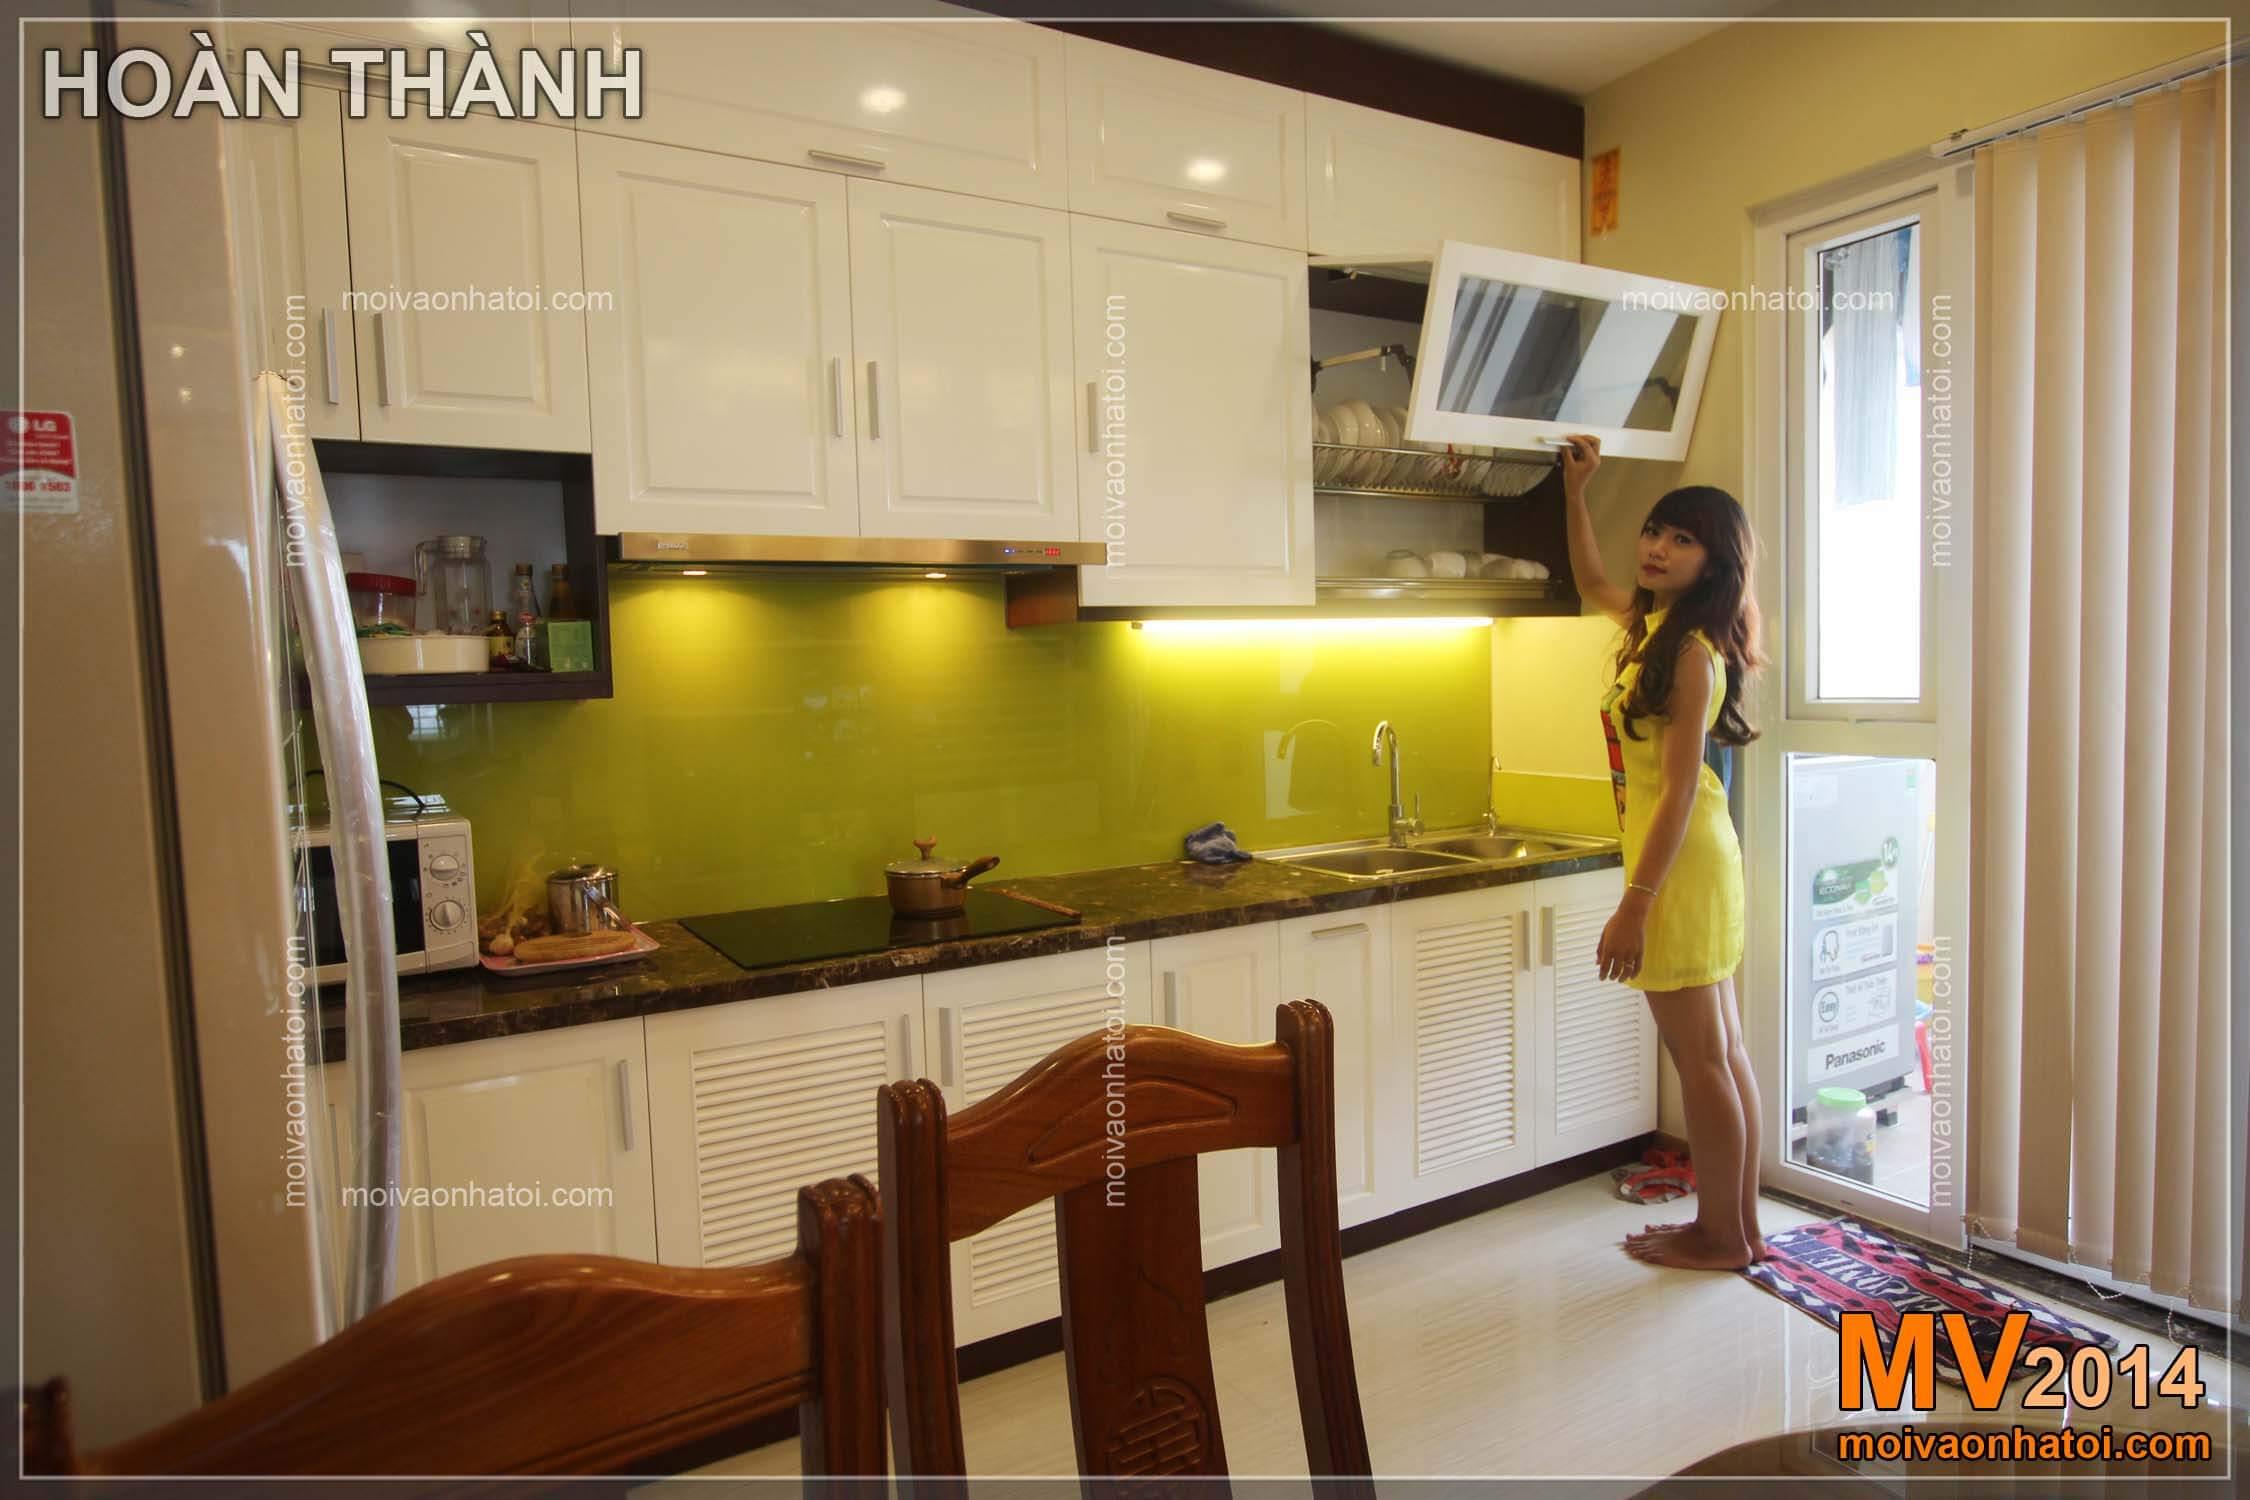 Tủ bếp chung cư Việt Hưng với màu sắc trẻ trung